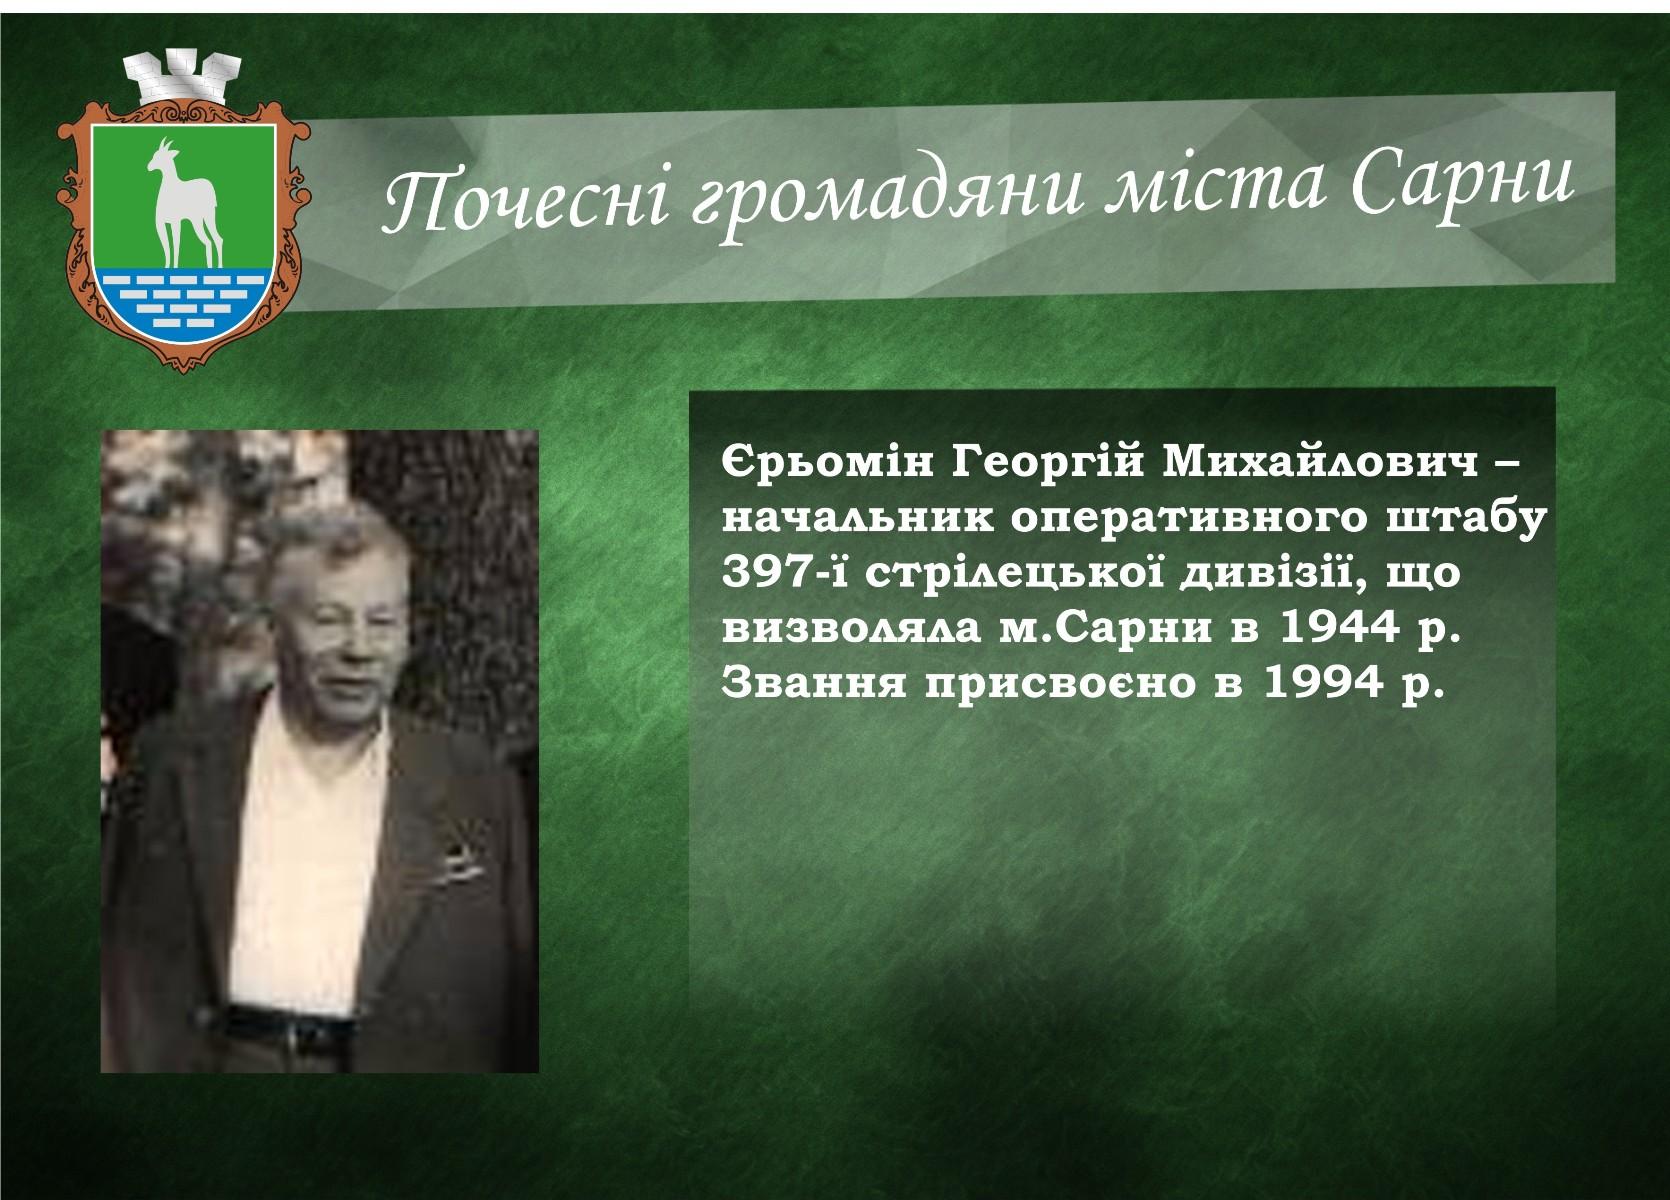 Єрьомін Георгій Михайлович